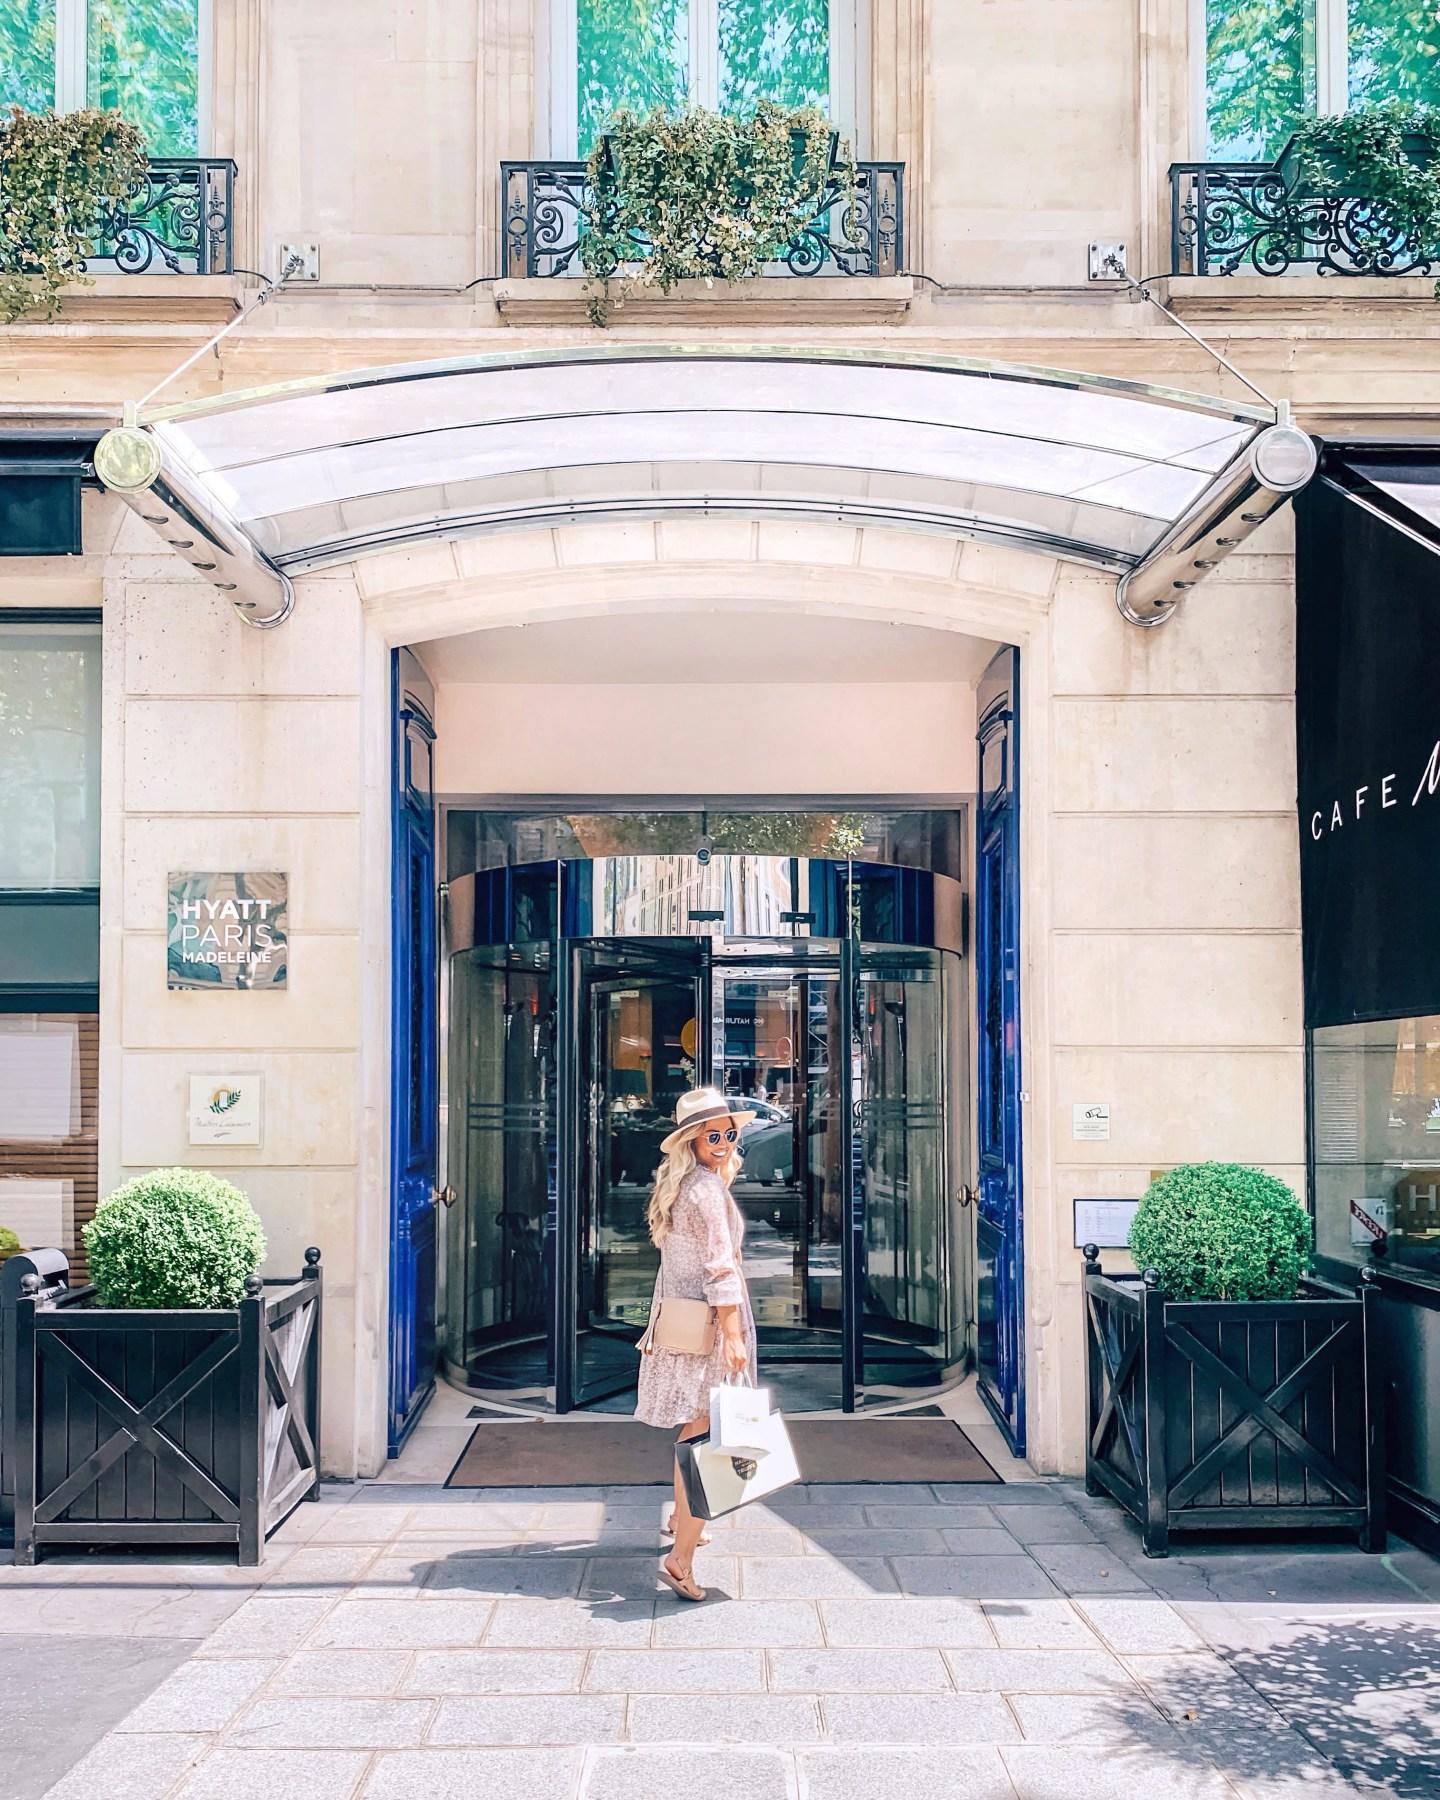 Hyatt Paris Madeleine entrance